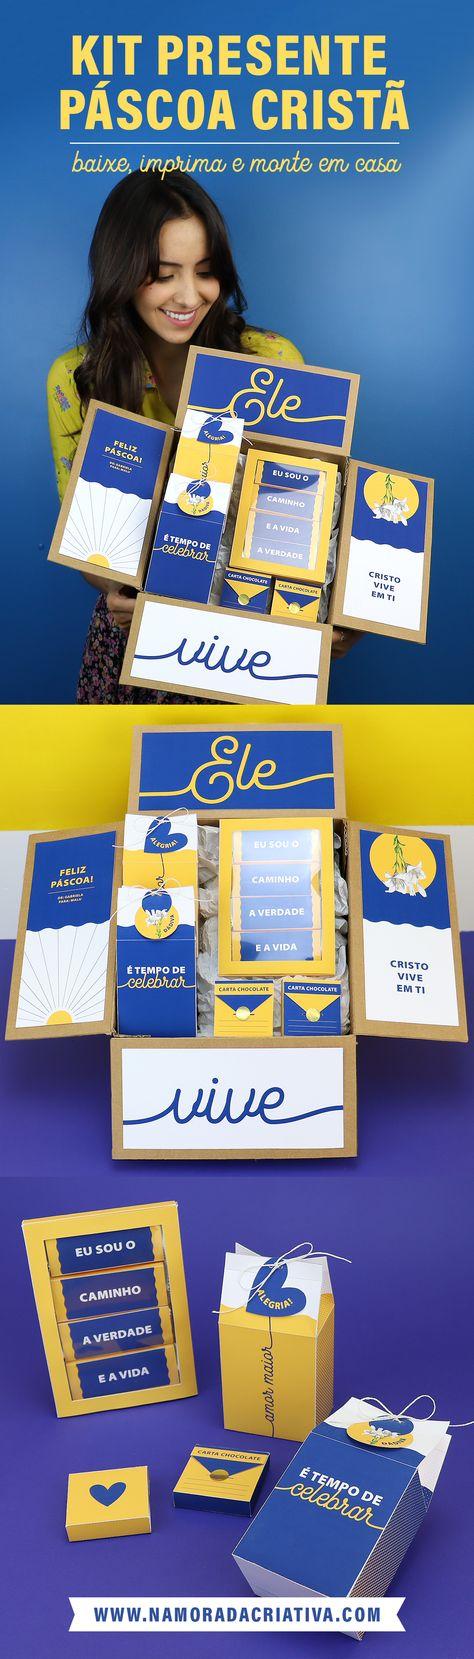 Baixe, imprima e monte um kit presente com temática cristã.